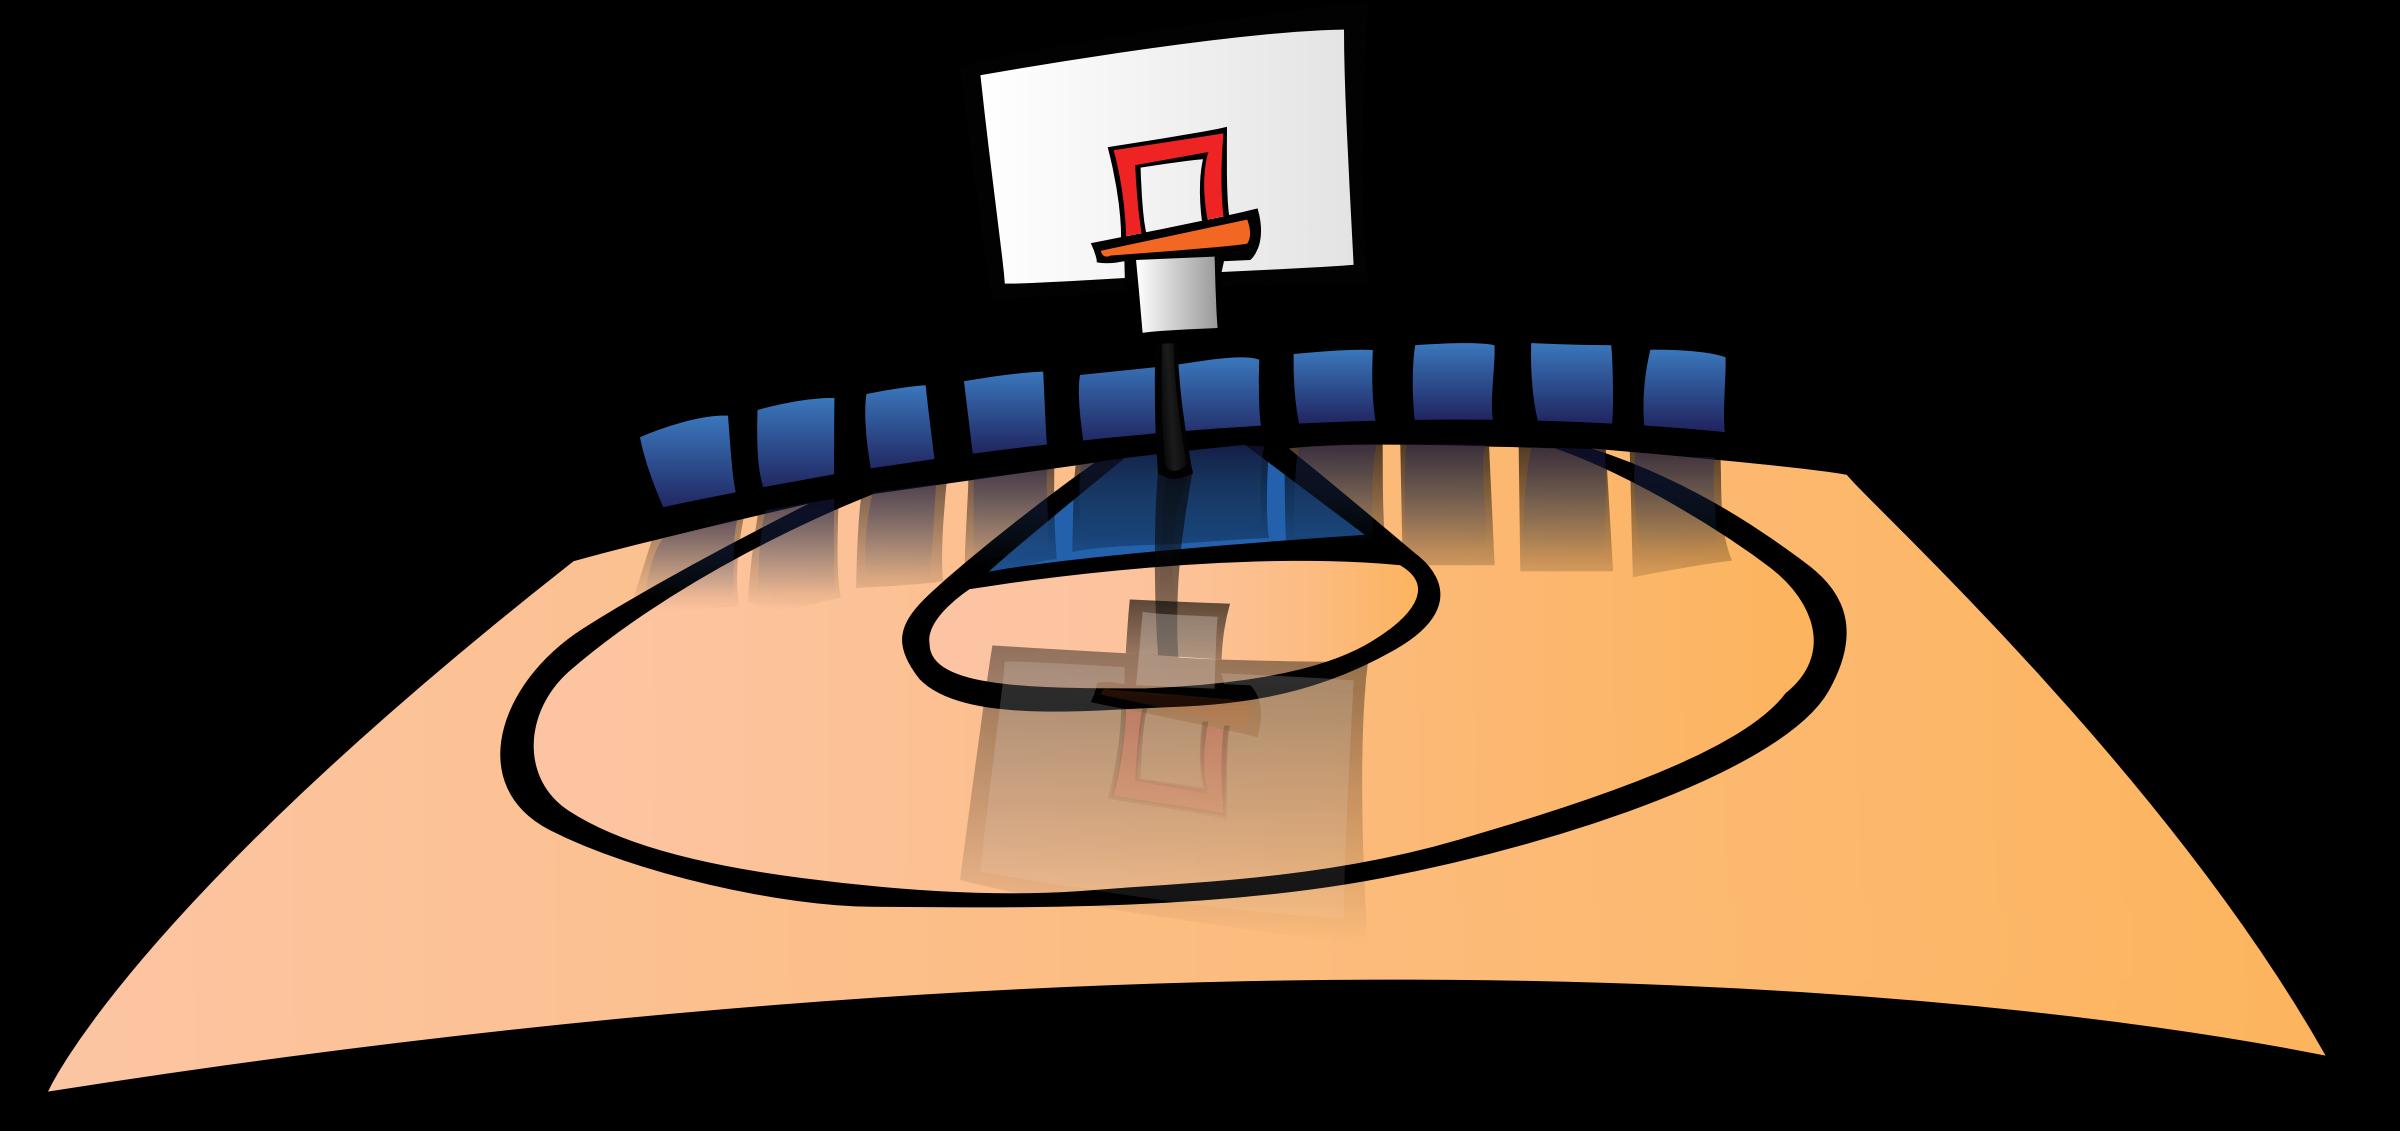 2400x1131 Clipart Basketball Court